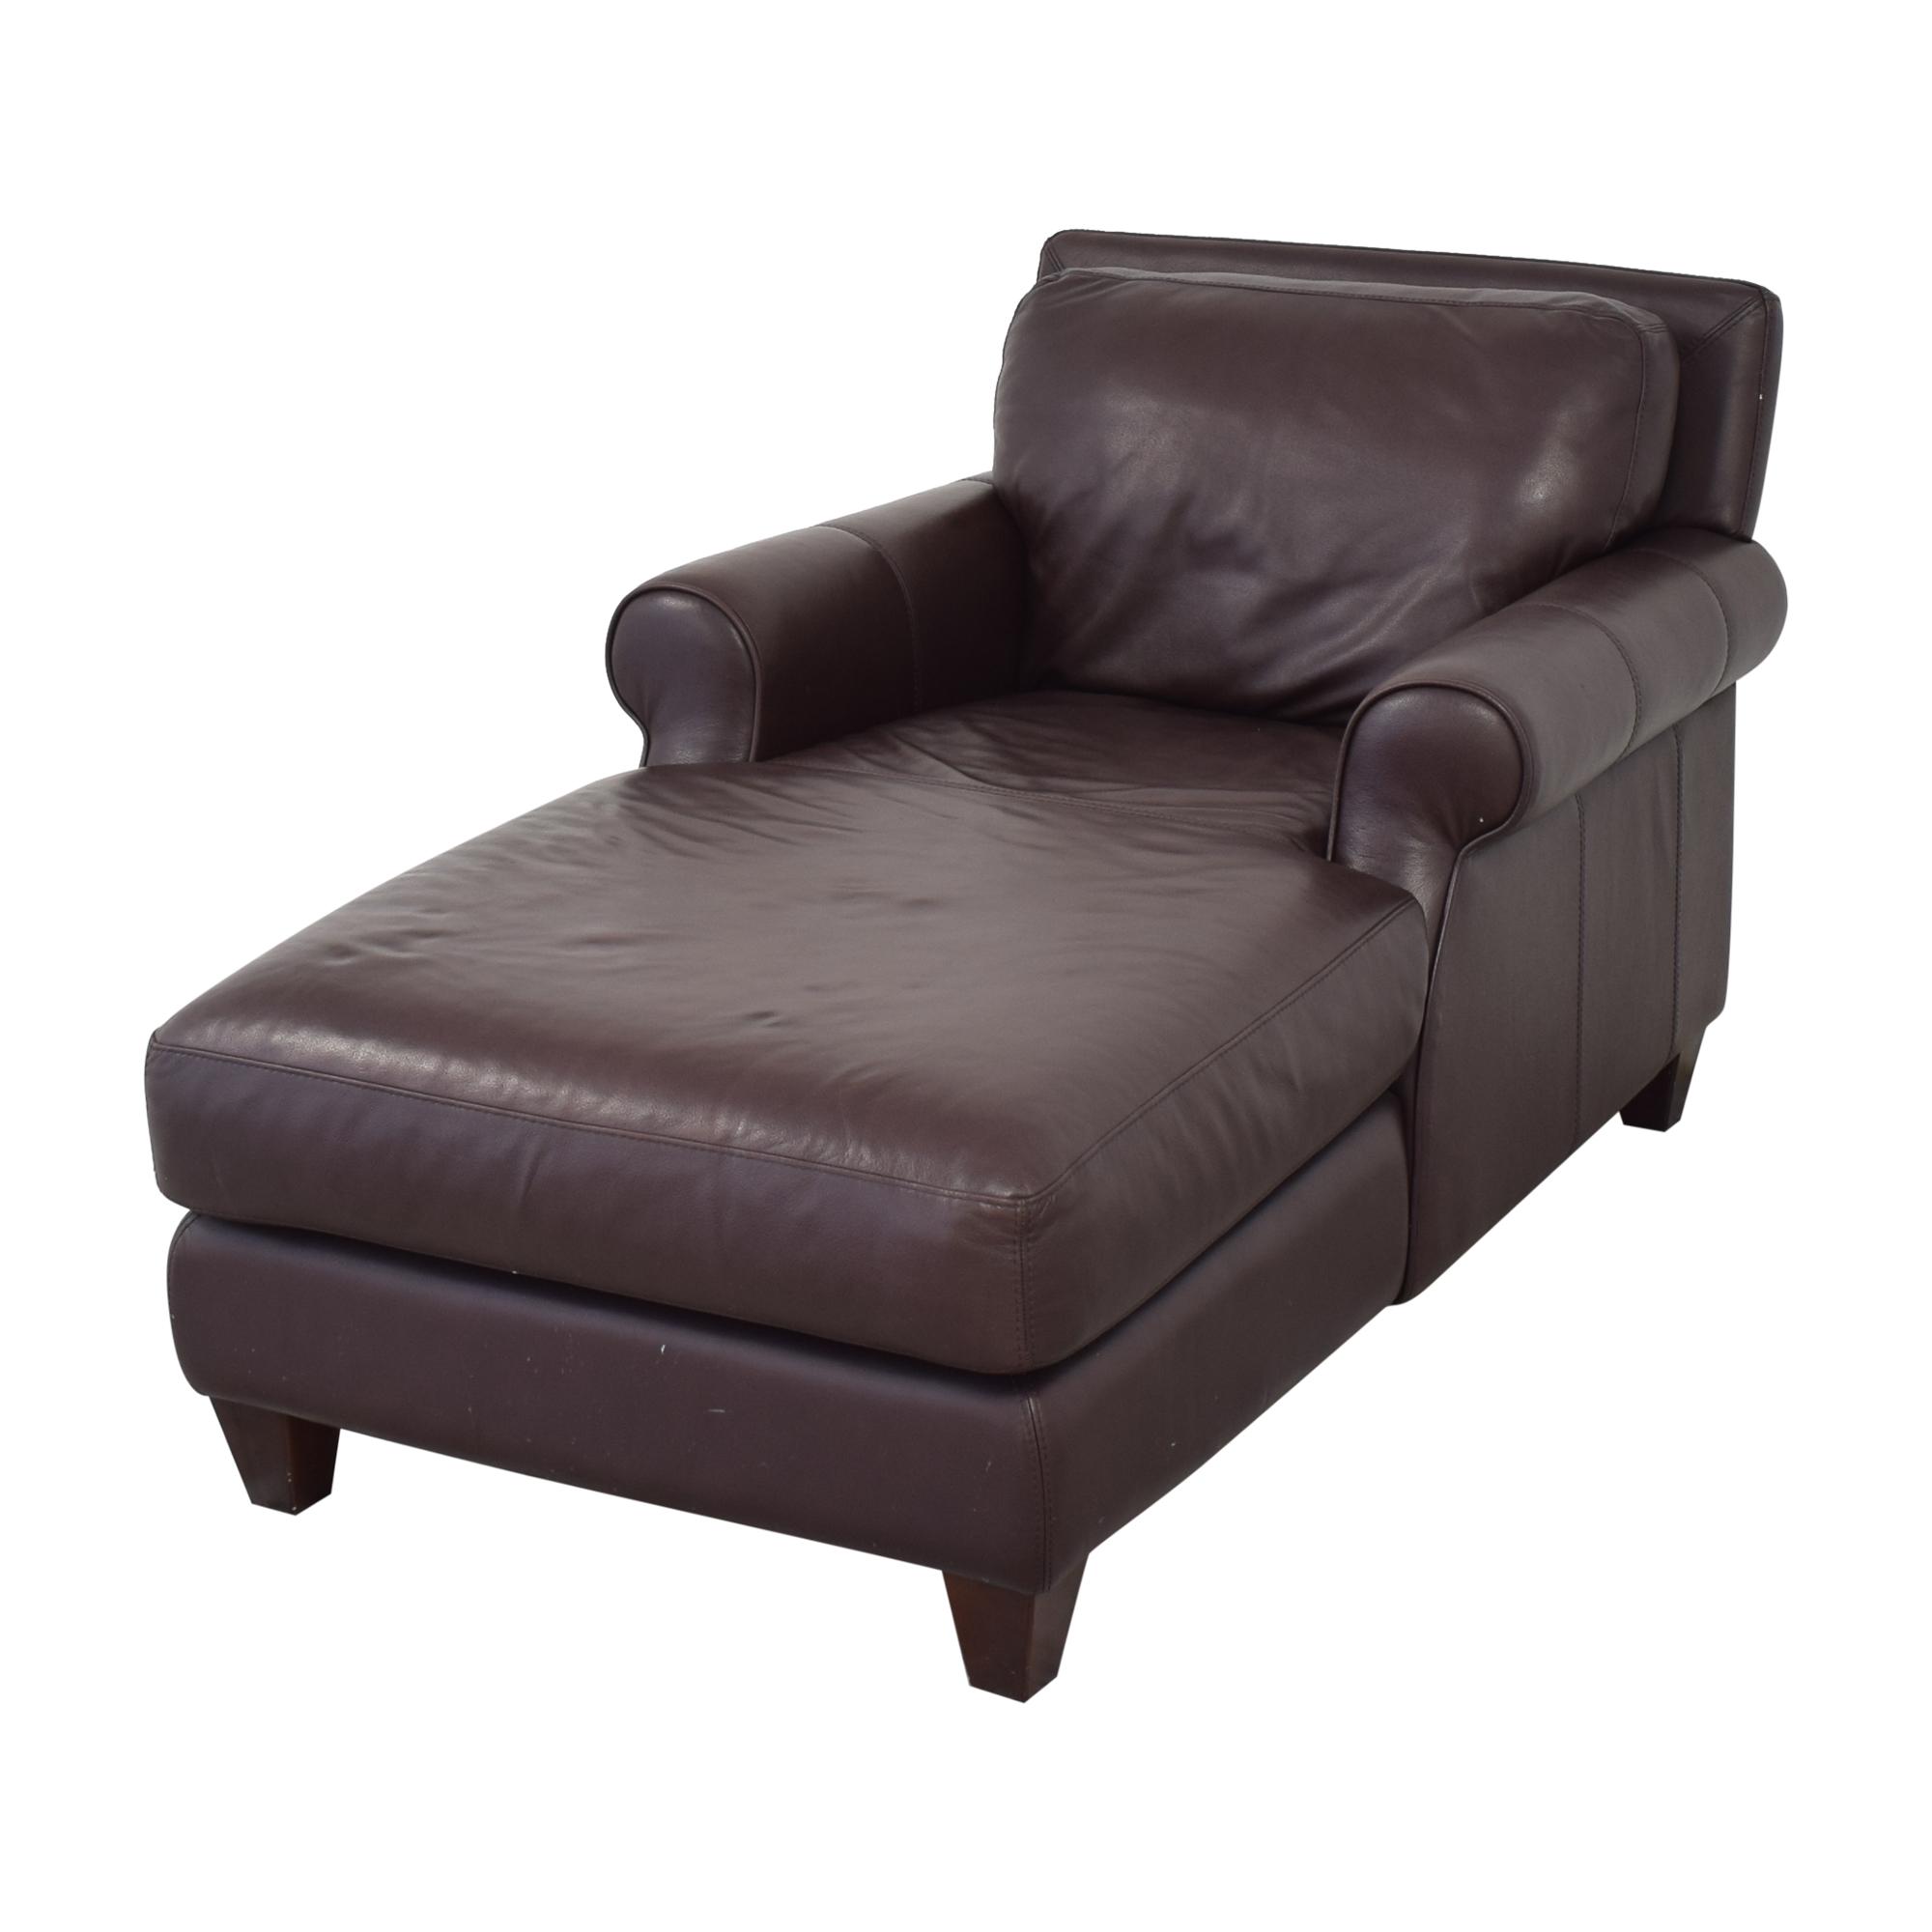 shop Chateau d'Ax Roll Arm Chaise Chair Chateau d'Ax Chaises